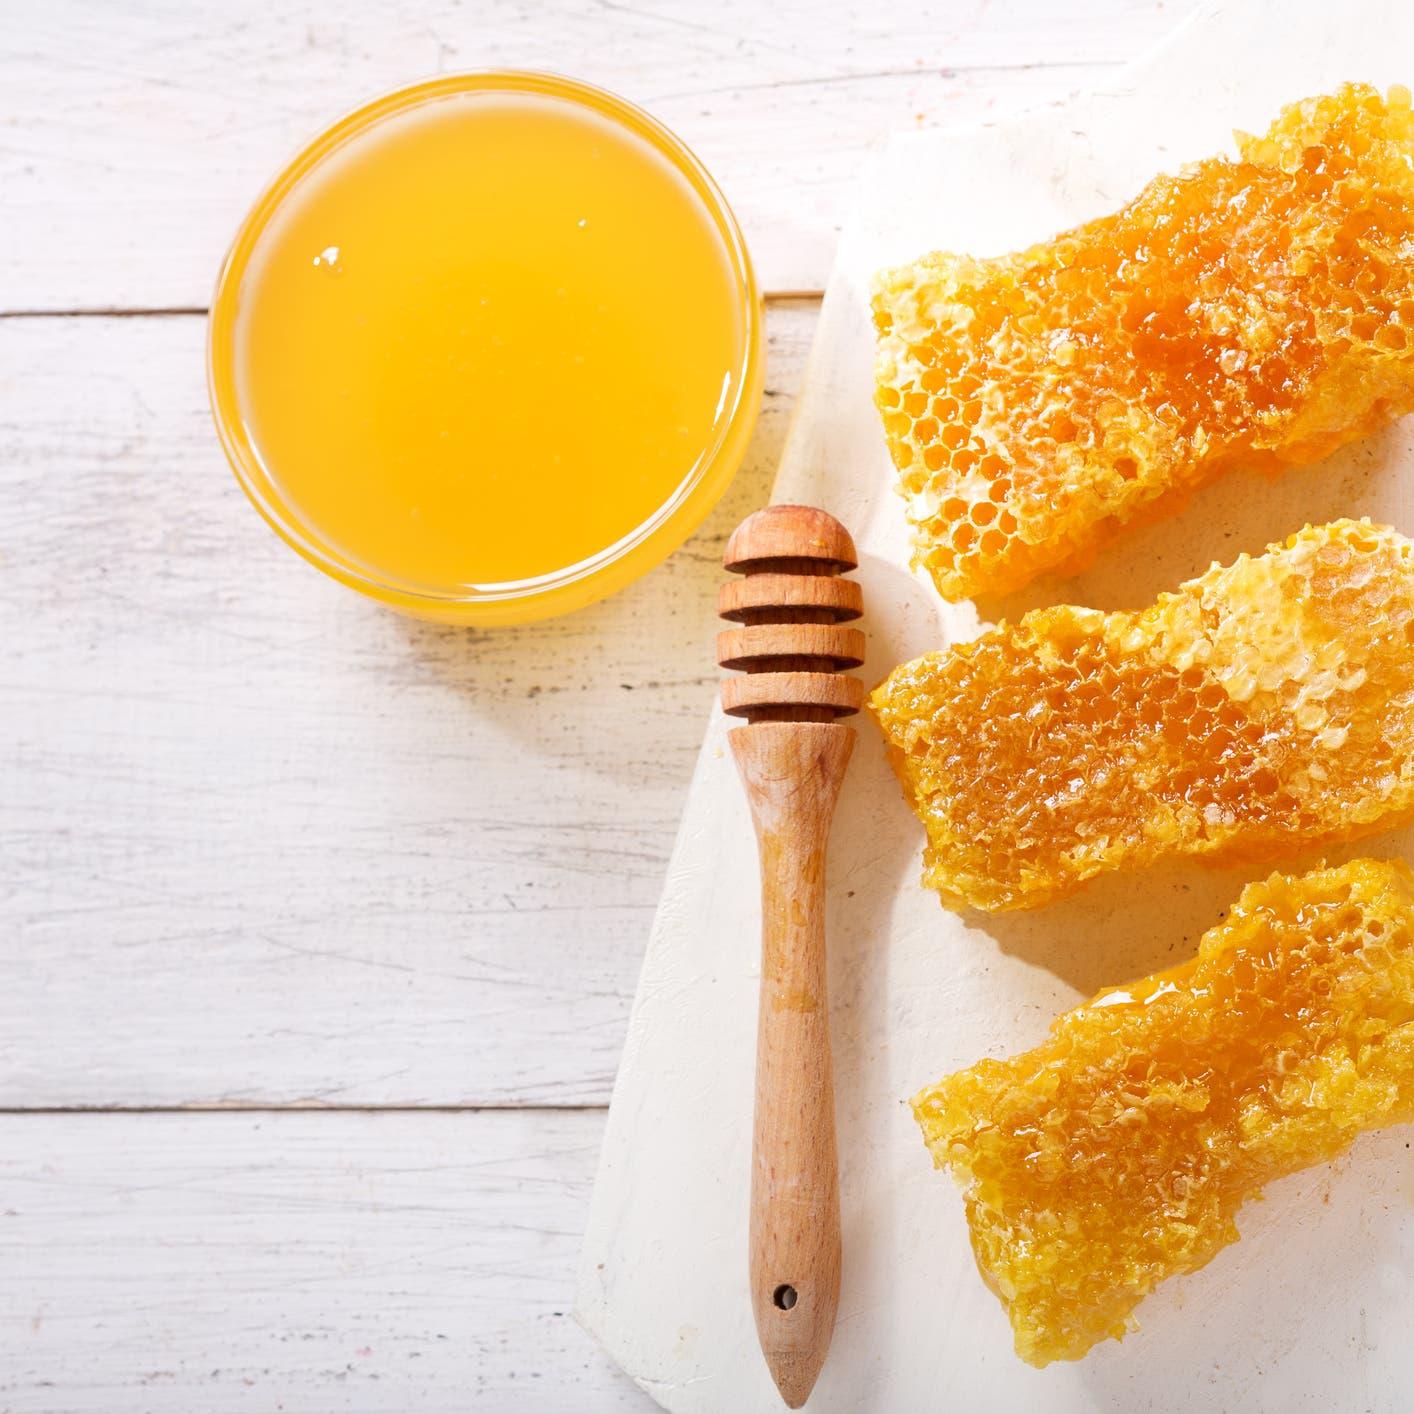 15 سبباً وجيها لاستعمال العسل في العناية بالبشرة والشعر